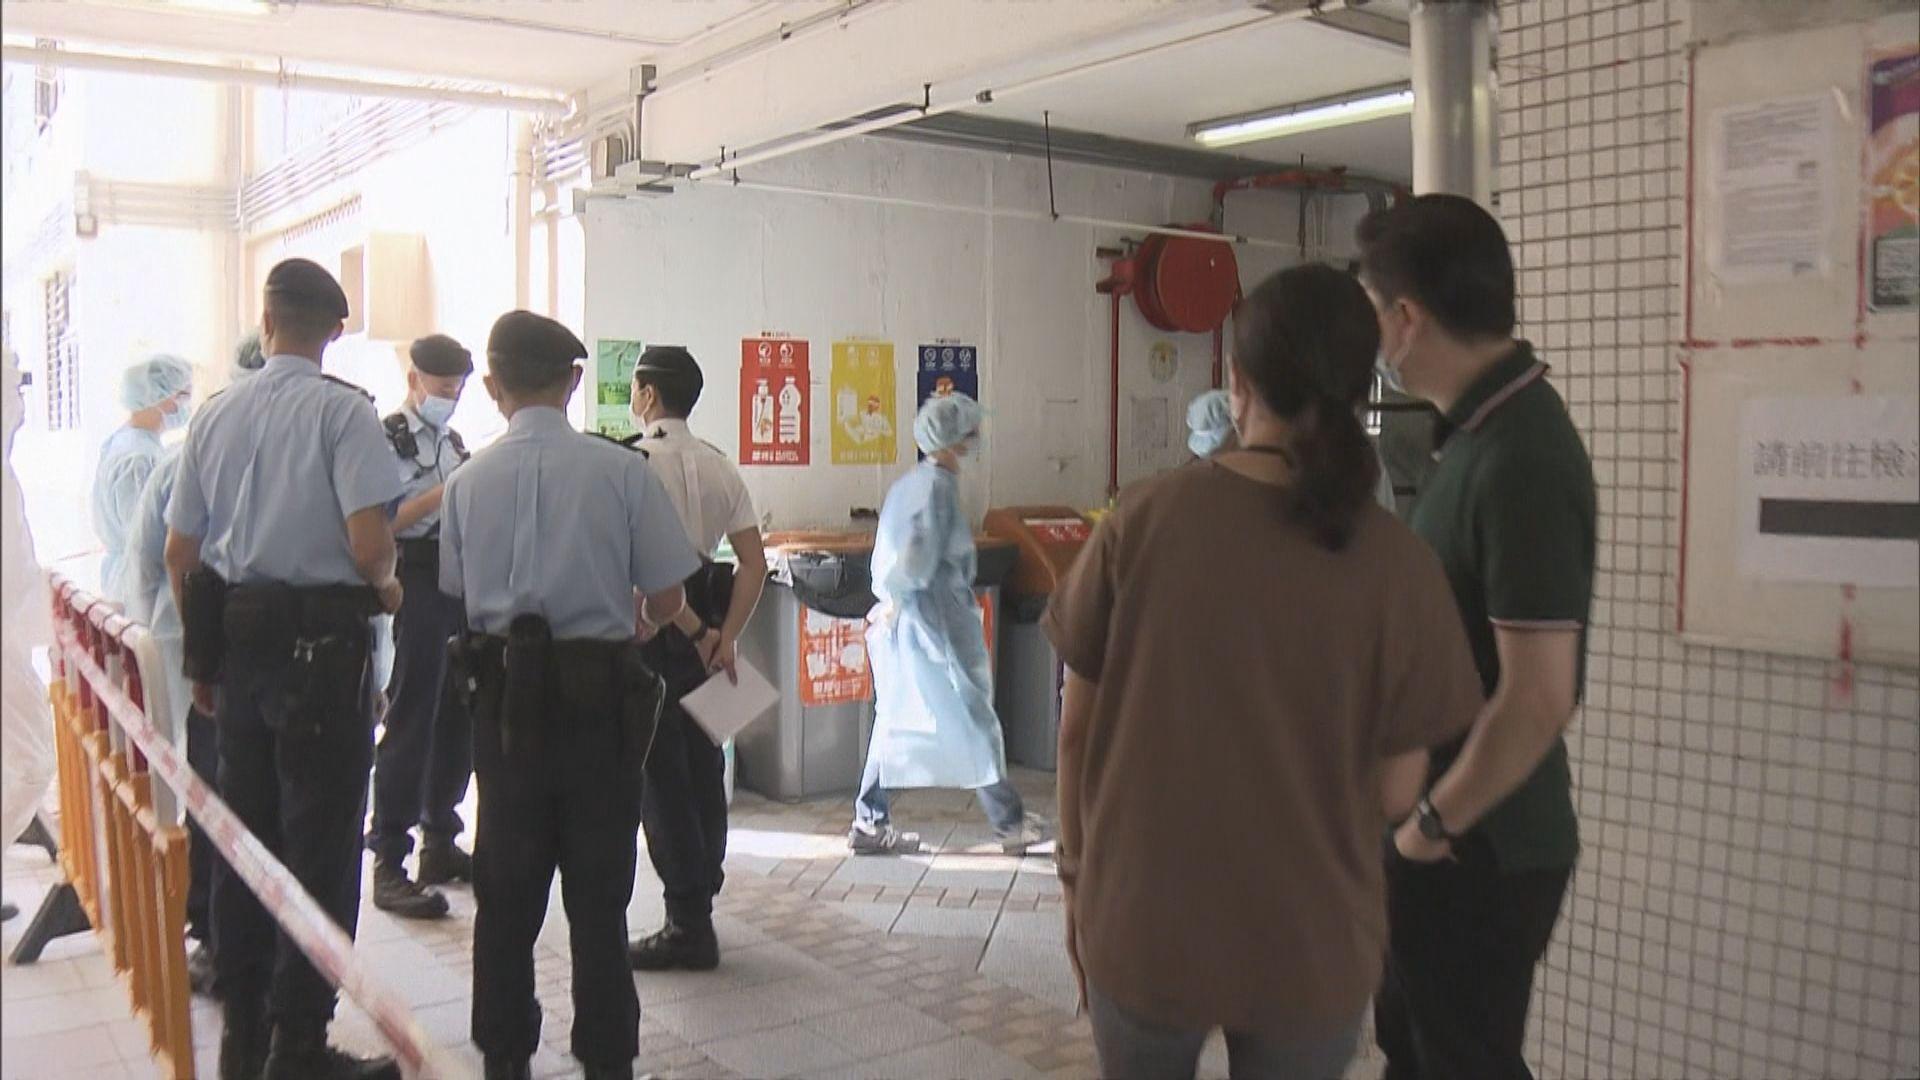 柴灣興華二邨豐興樓260戶住客須強檢 早上仍未解封